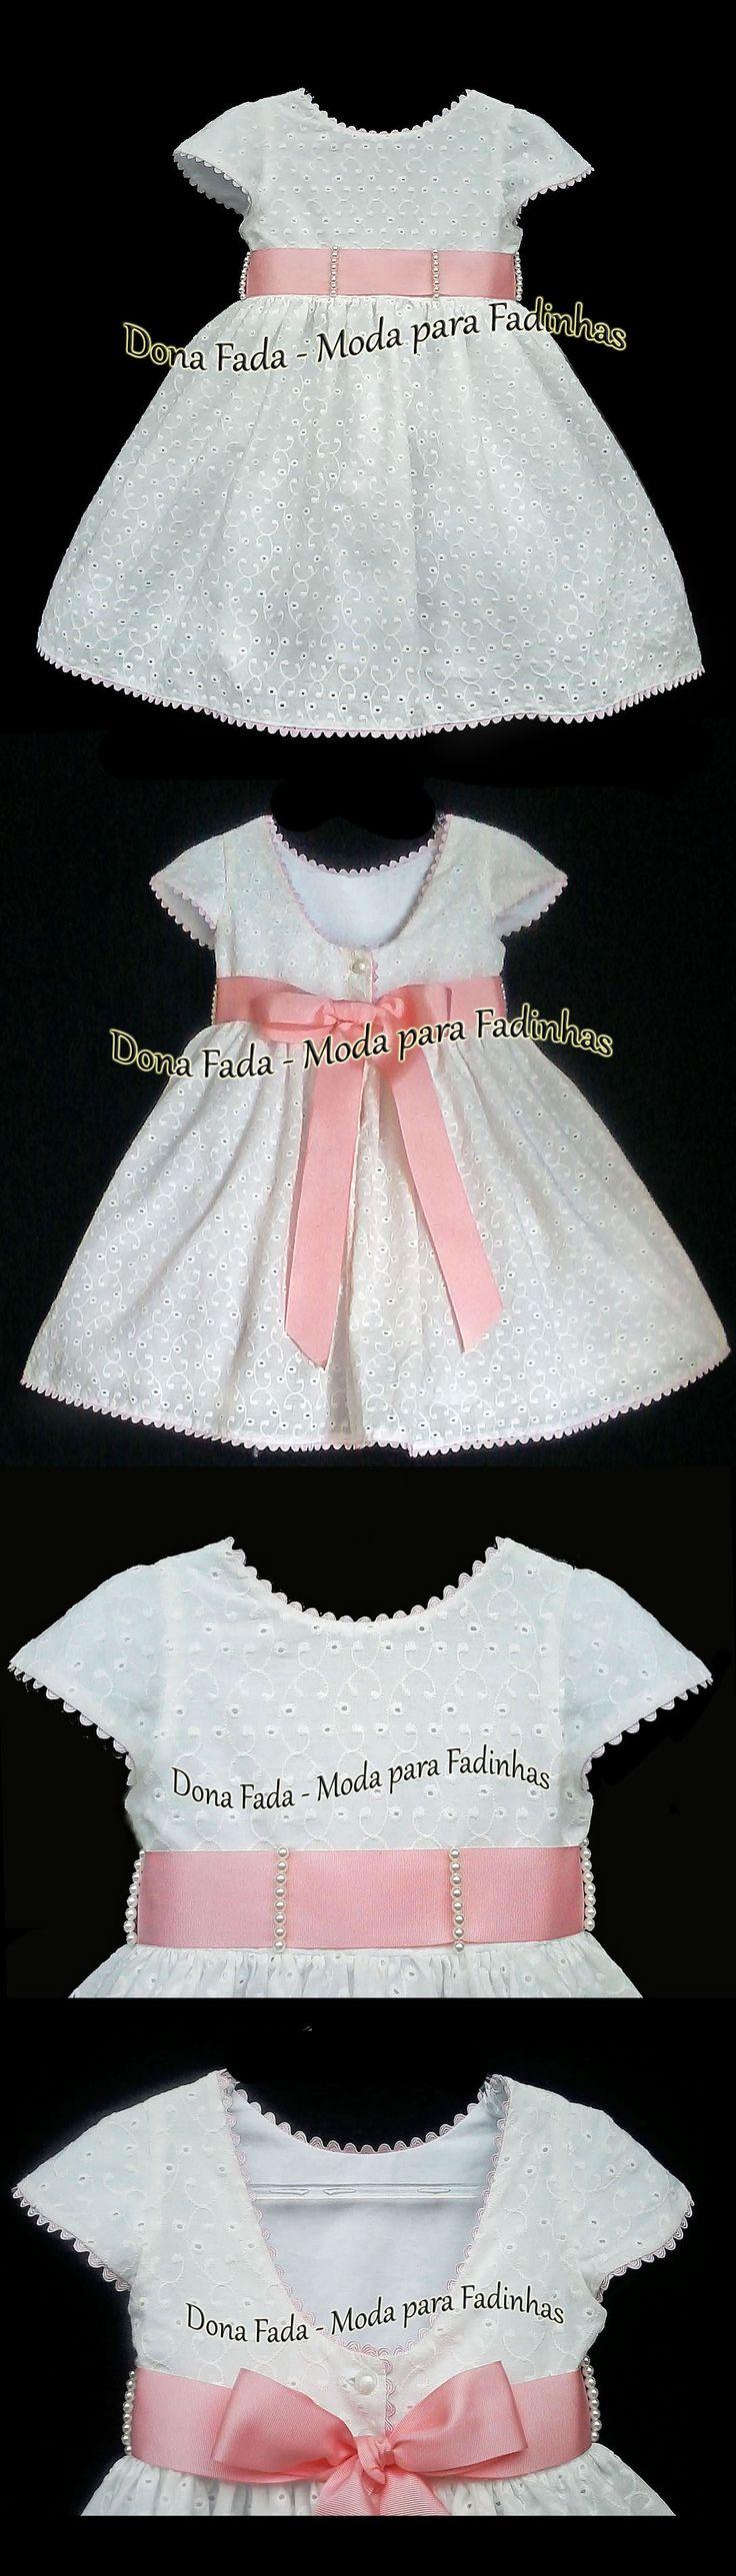 Vestido Laise Off White - 2 anos - - - - - baby - infant - toddler - kids - clothes for girls - - - https://www.facebook.com/dona.fada.moda.para.fadinhas/